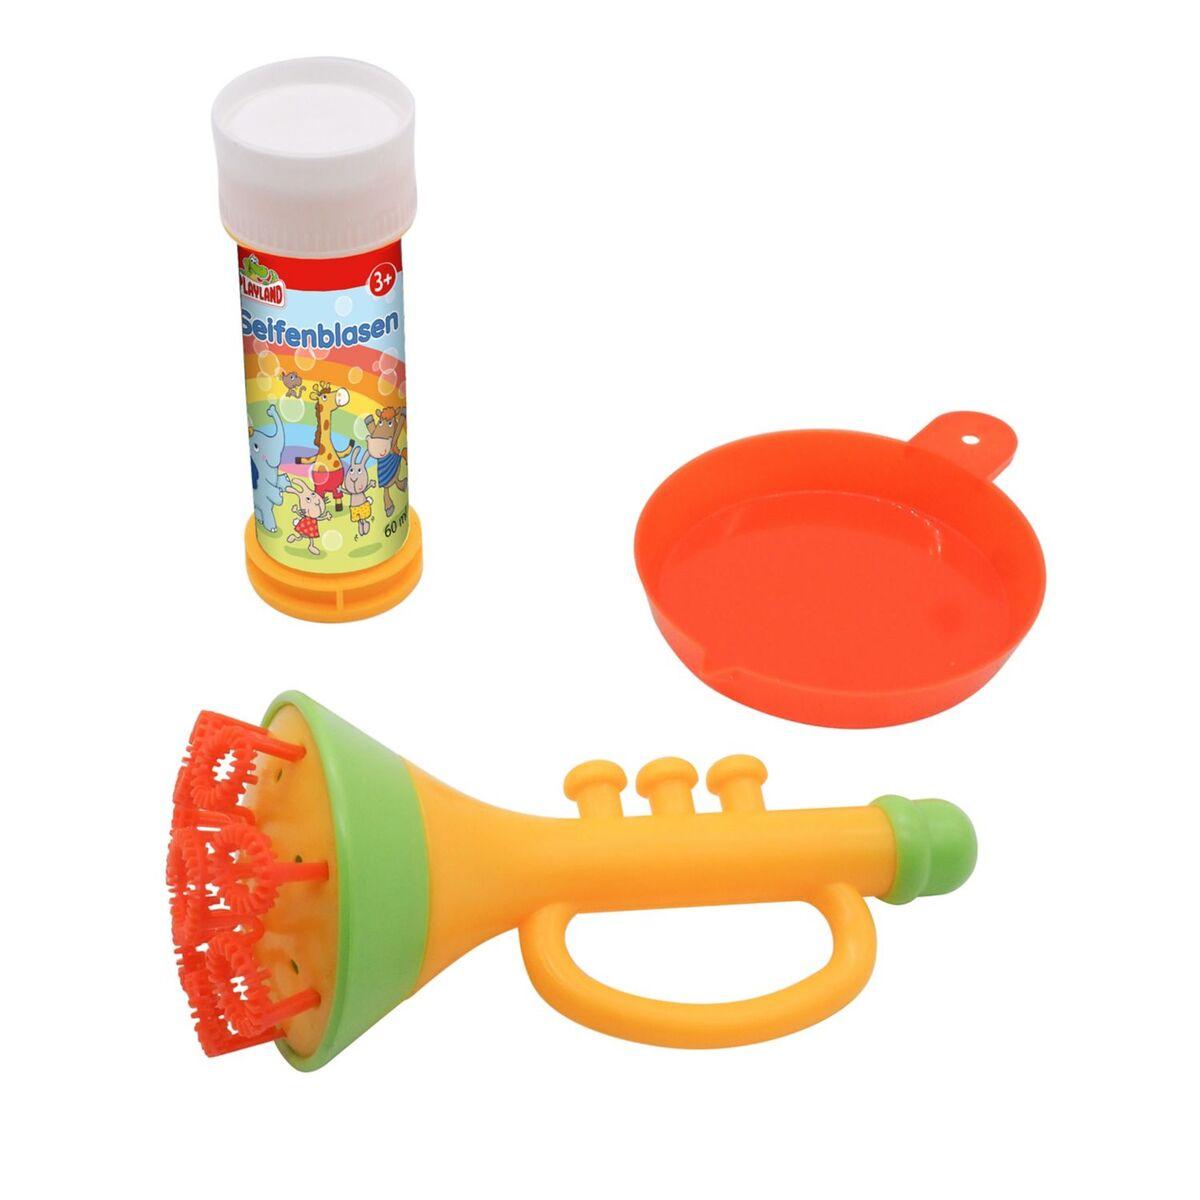 Bild 4 von Playland Seifenblasen-Spielzeug